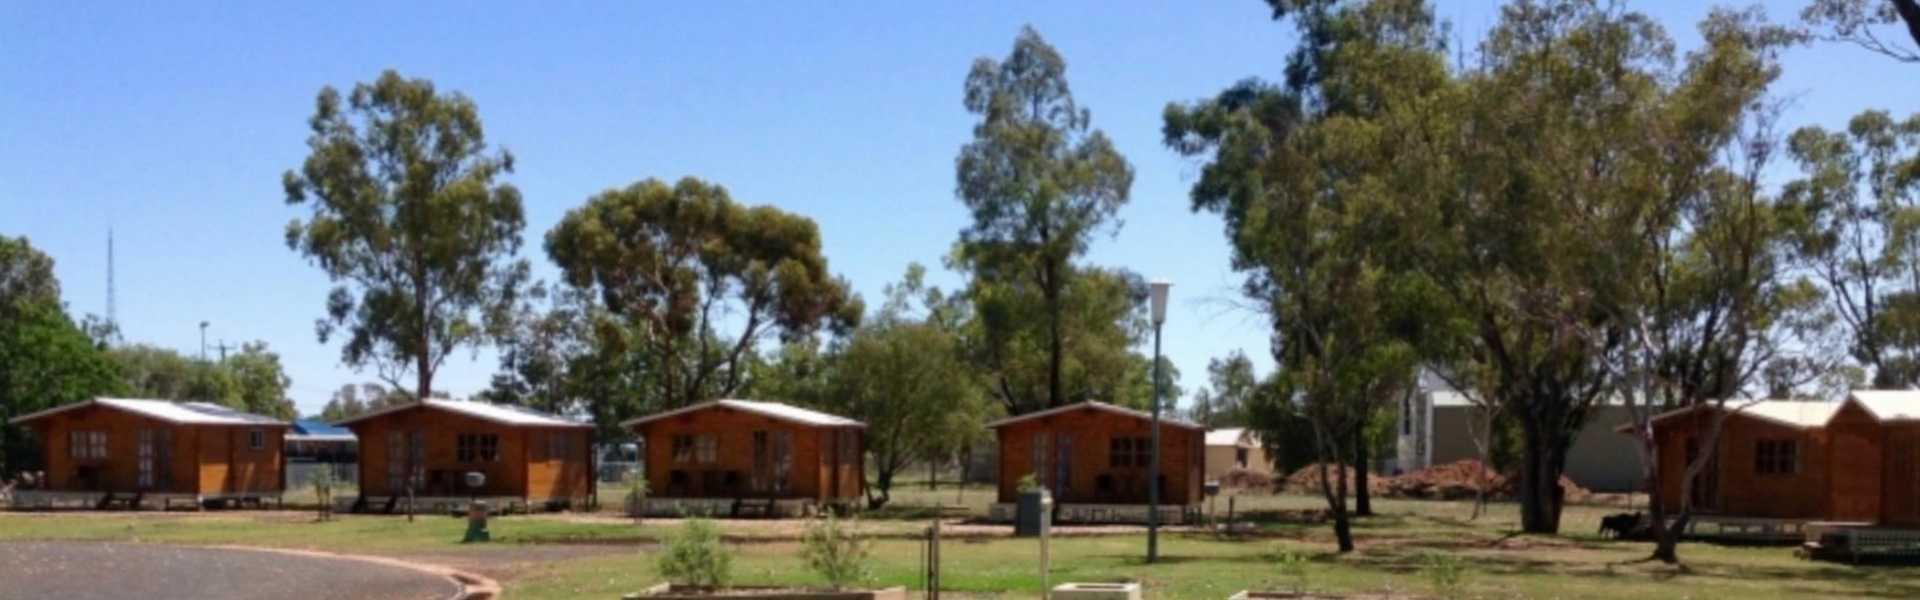 Kui Parks, Trangie Caravan Park, Cabins